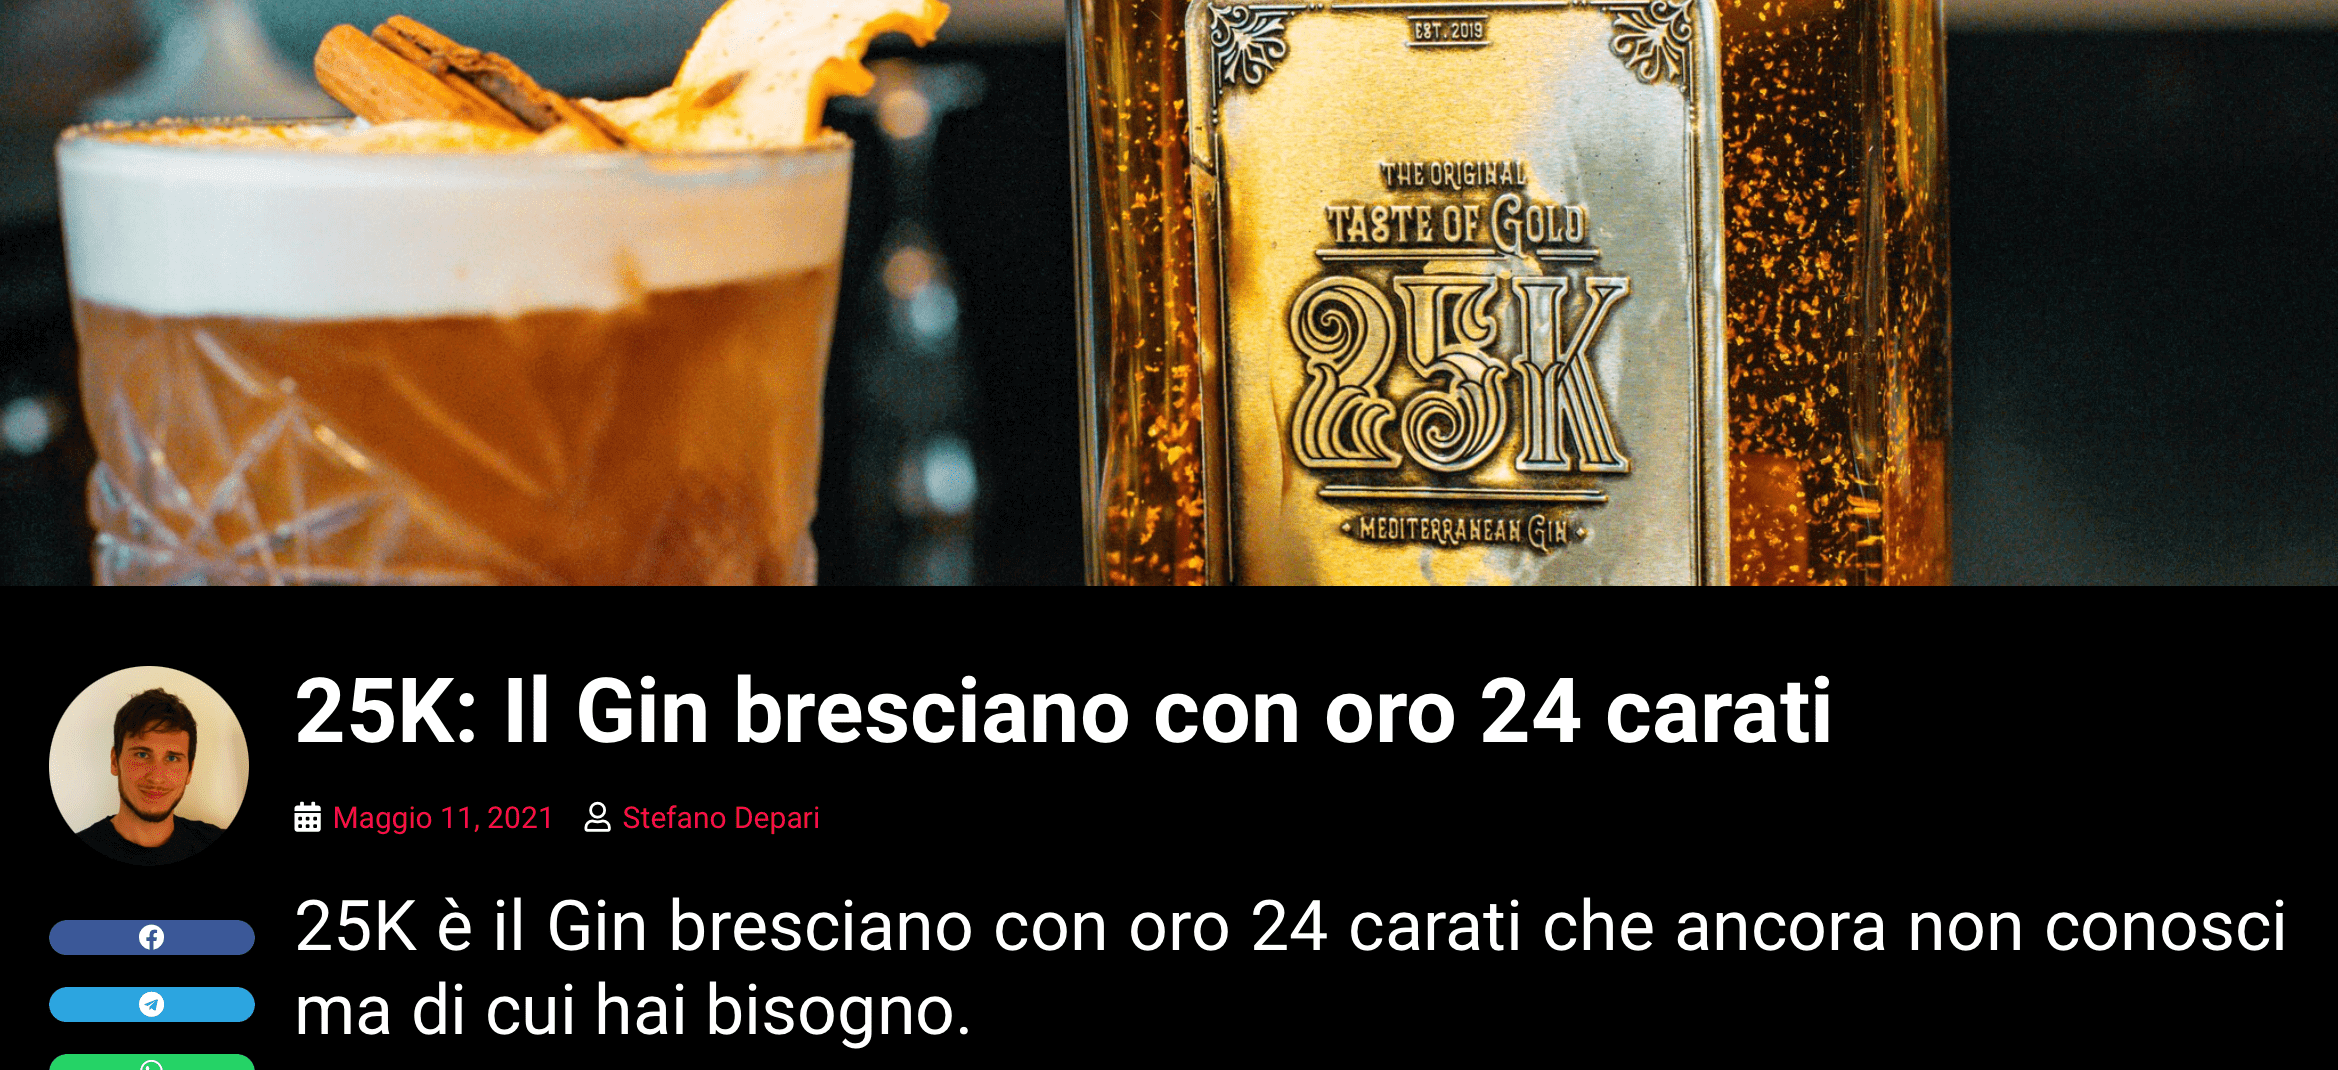 25K: Il Gin bresciano con oro 24 carati